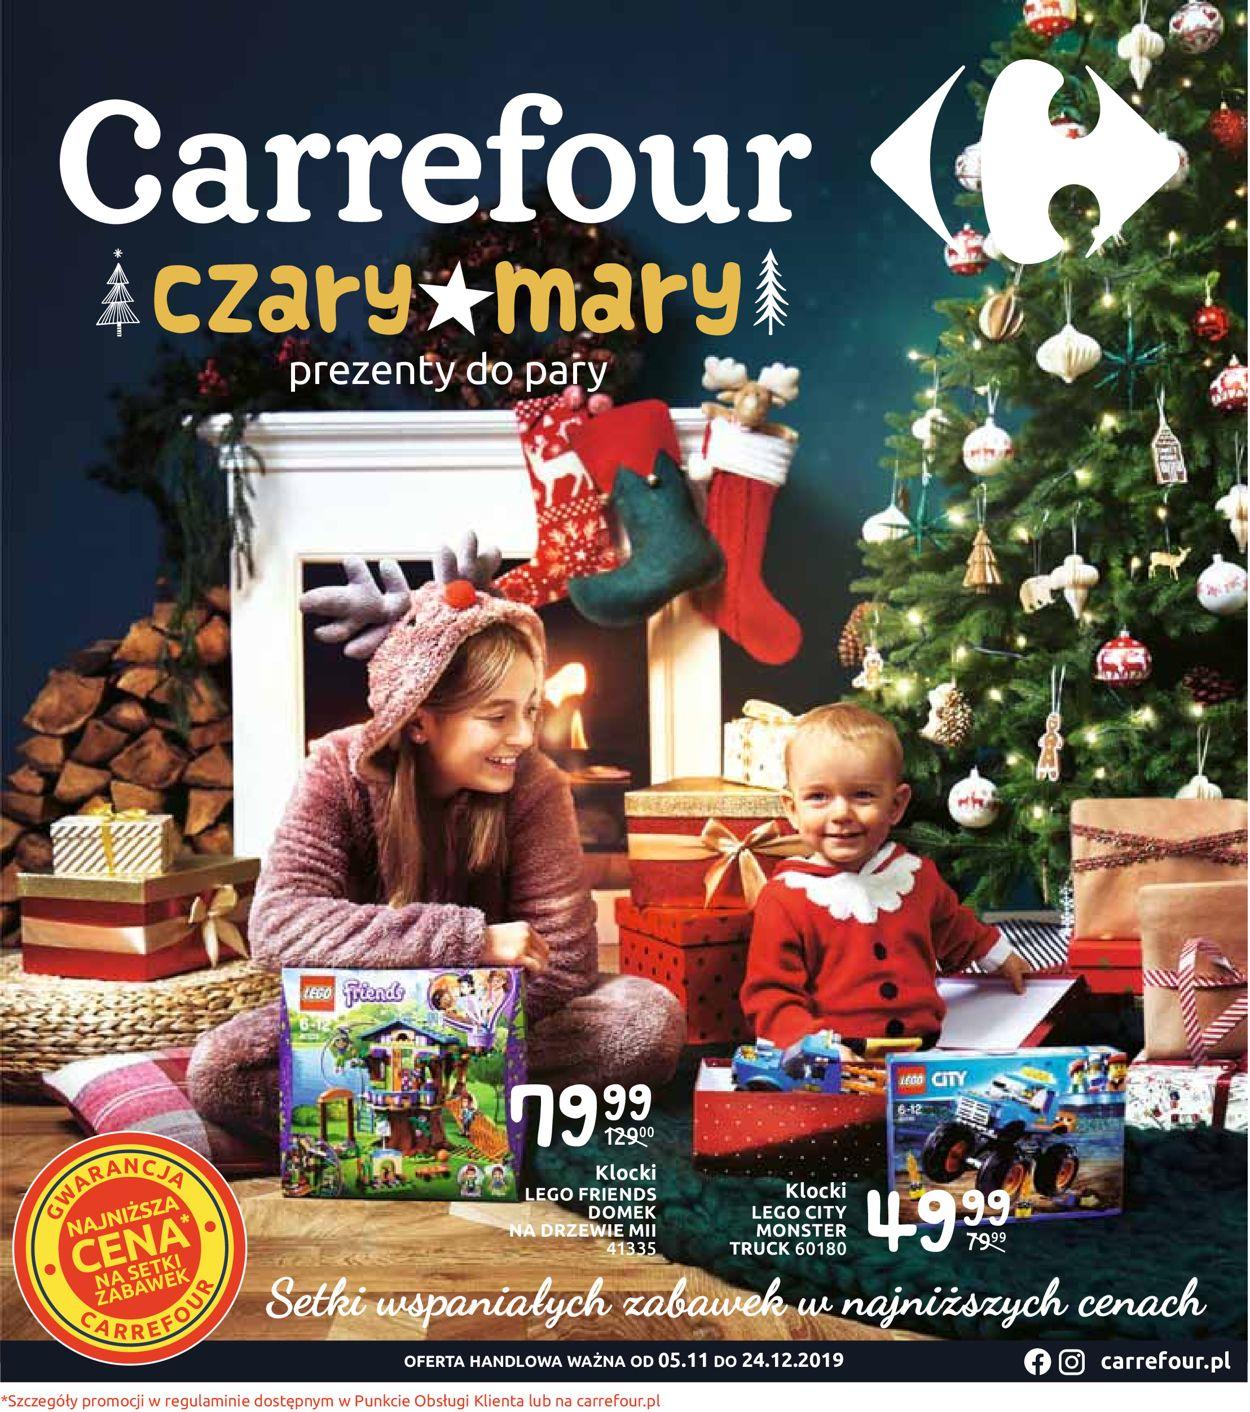 Gazetka promocyjna Carrefour - 05.11-24.12.2019